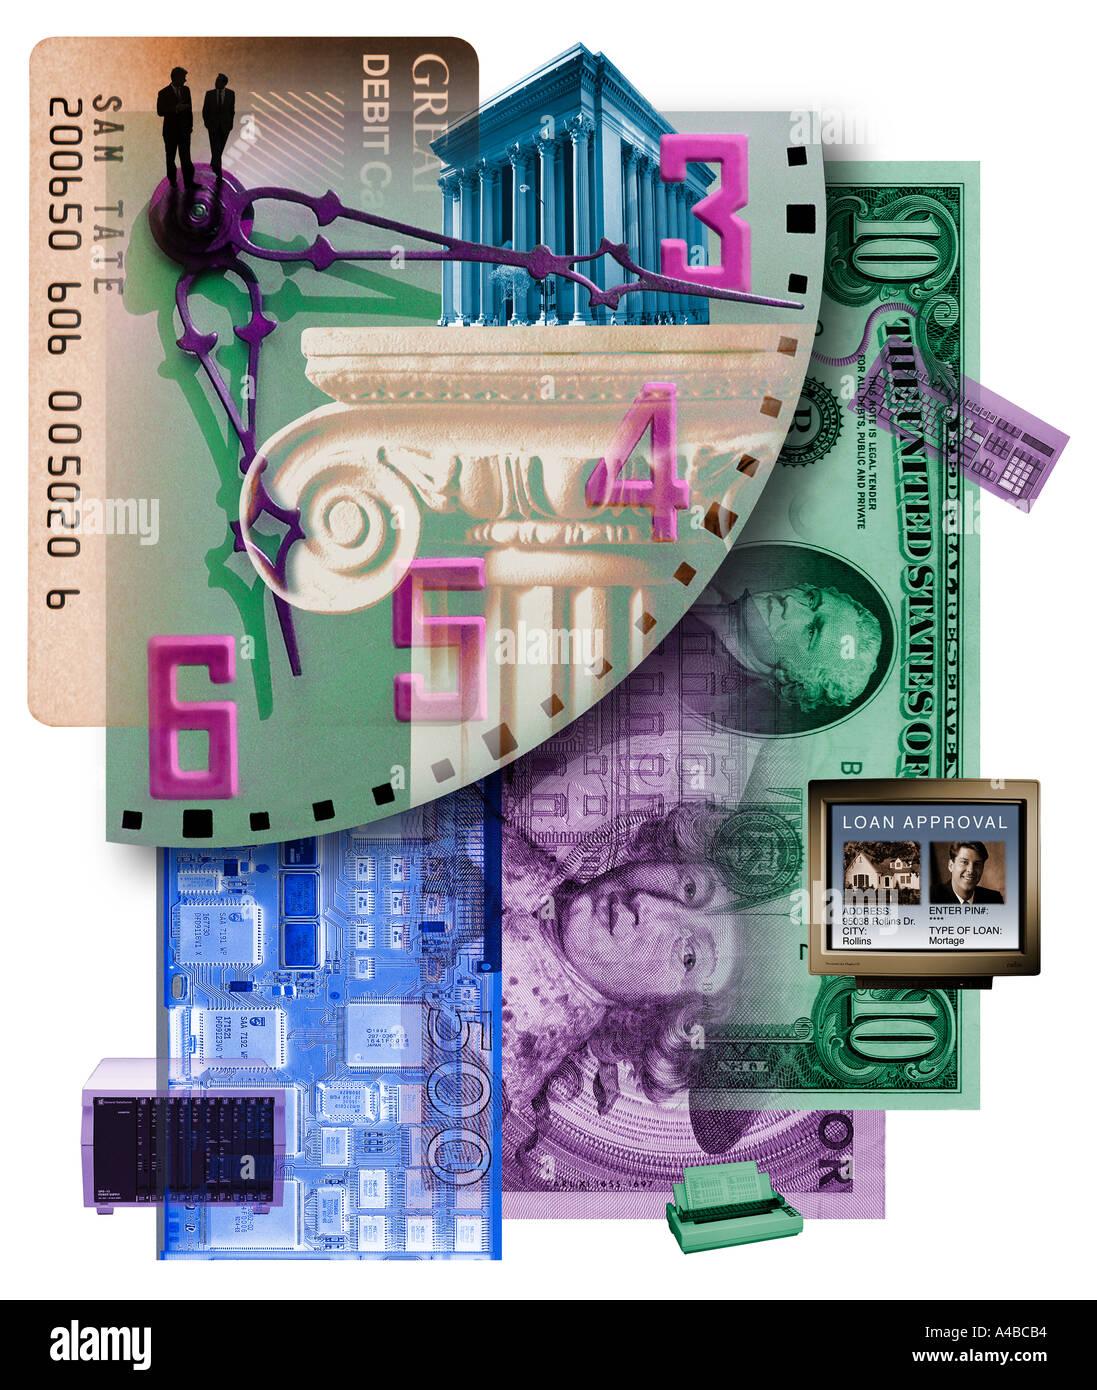 La banque et la finance, tel est le thème de ce collage service de guichet automatique et de la technologie de l'information s Photo Stock